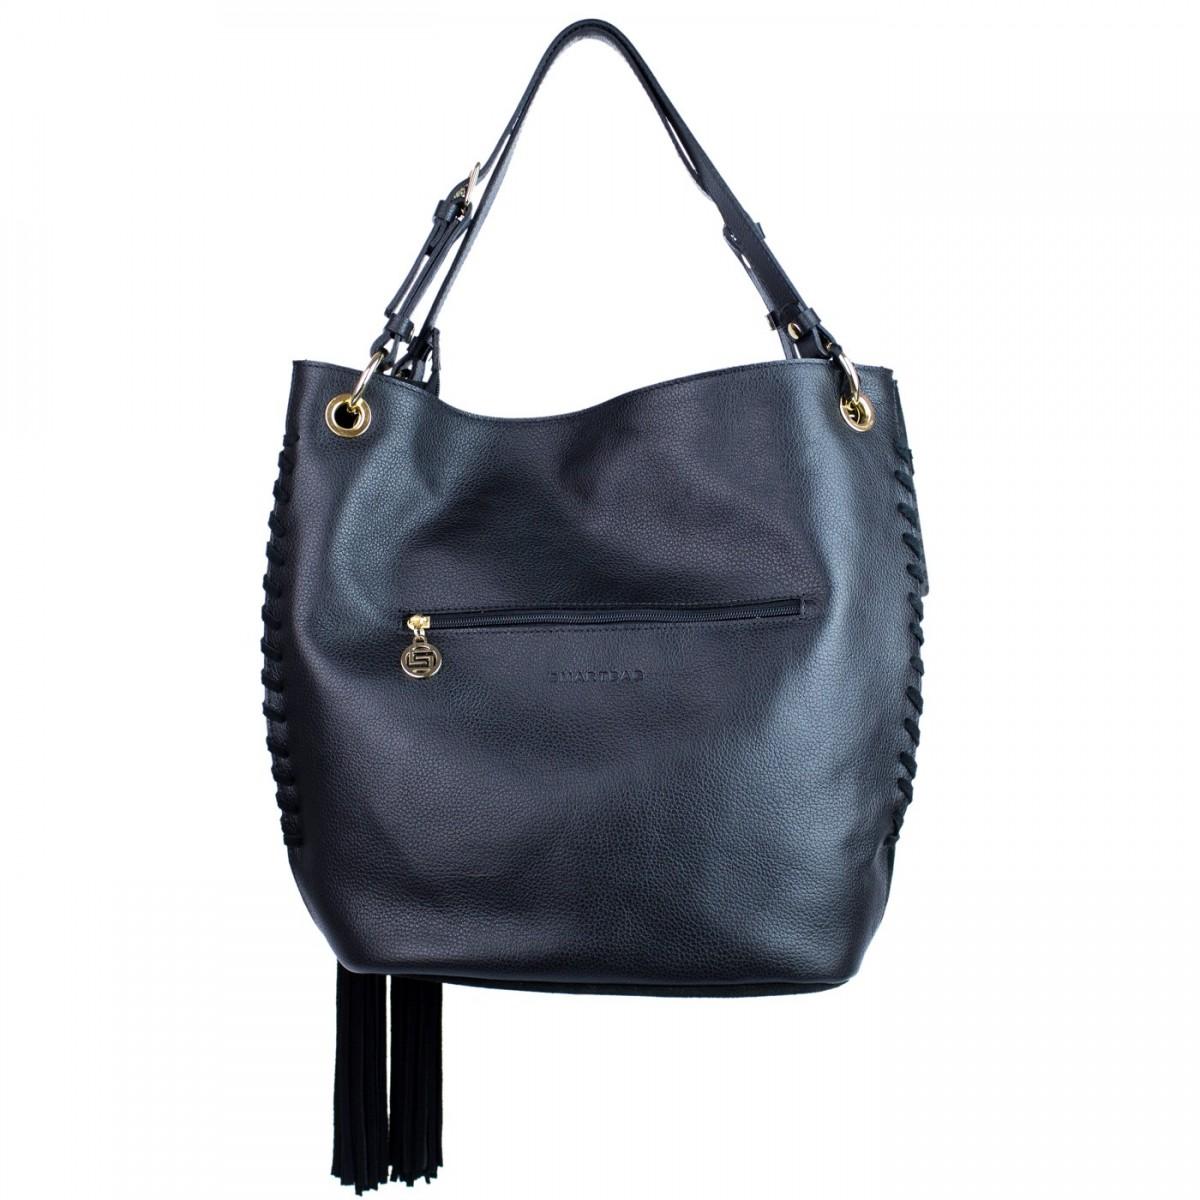 9ab5113e6d Bizz Store - Bolsa Feminina Smartbag Camurça Couro 70062.16